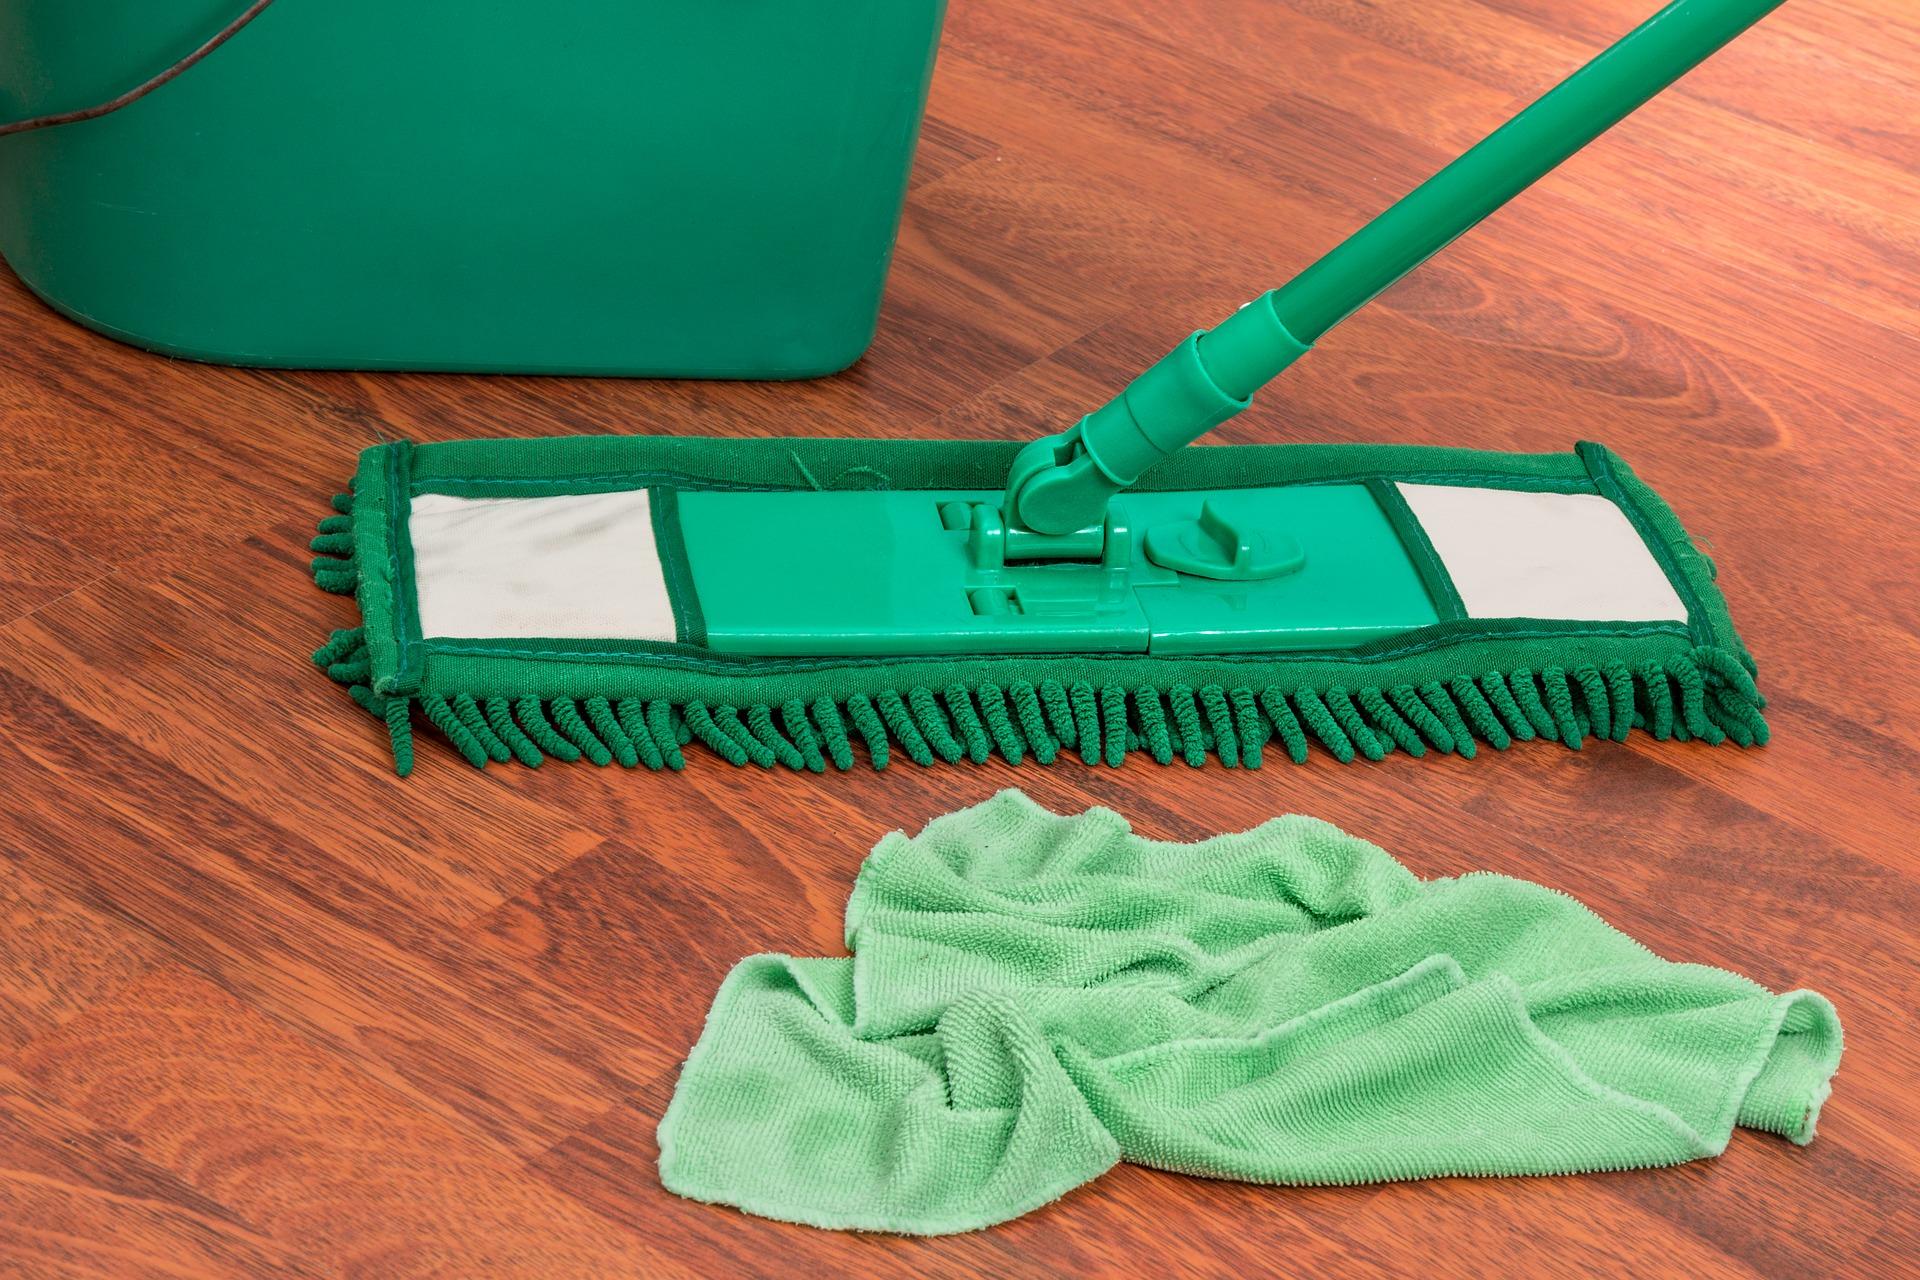 Než začnete dezinfikovat, všechny plochy umyjte a hloubkově vyčistěte